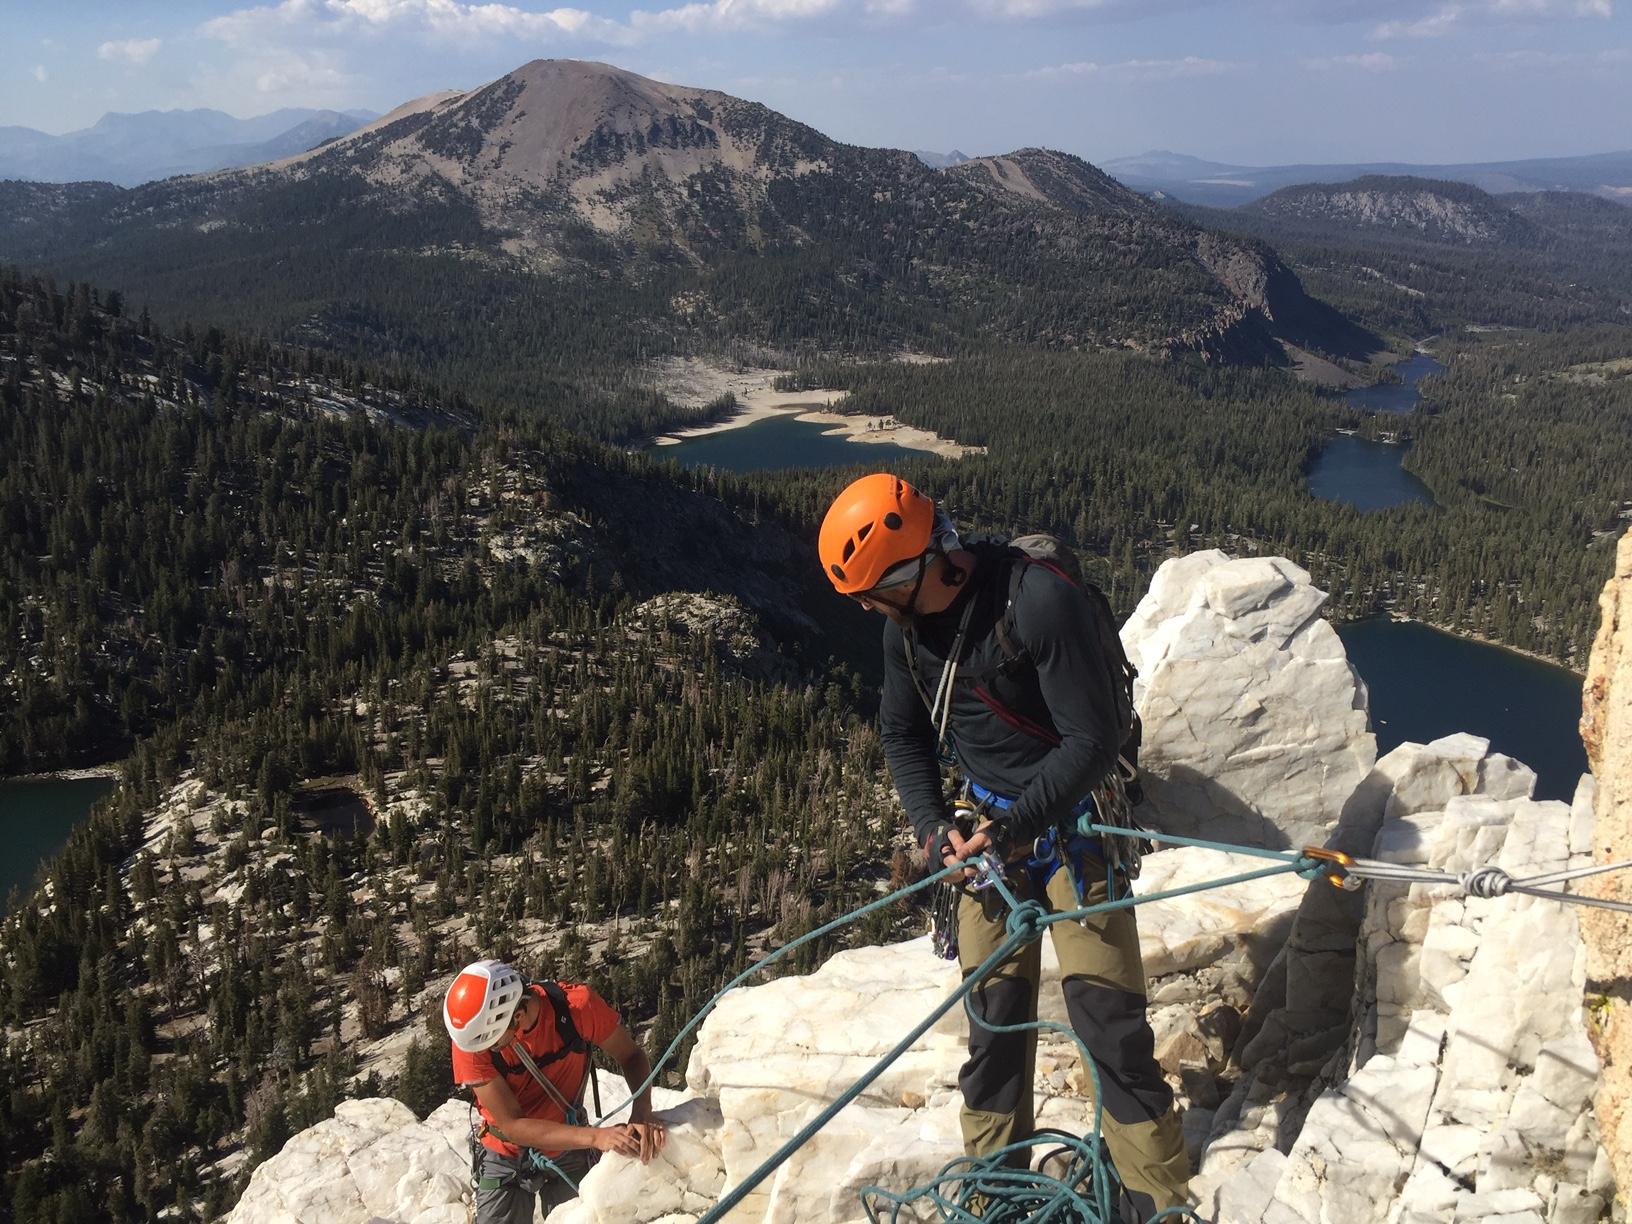 Alpine Climbing Rock Climbing San Francisco Bay Area